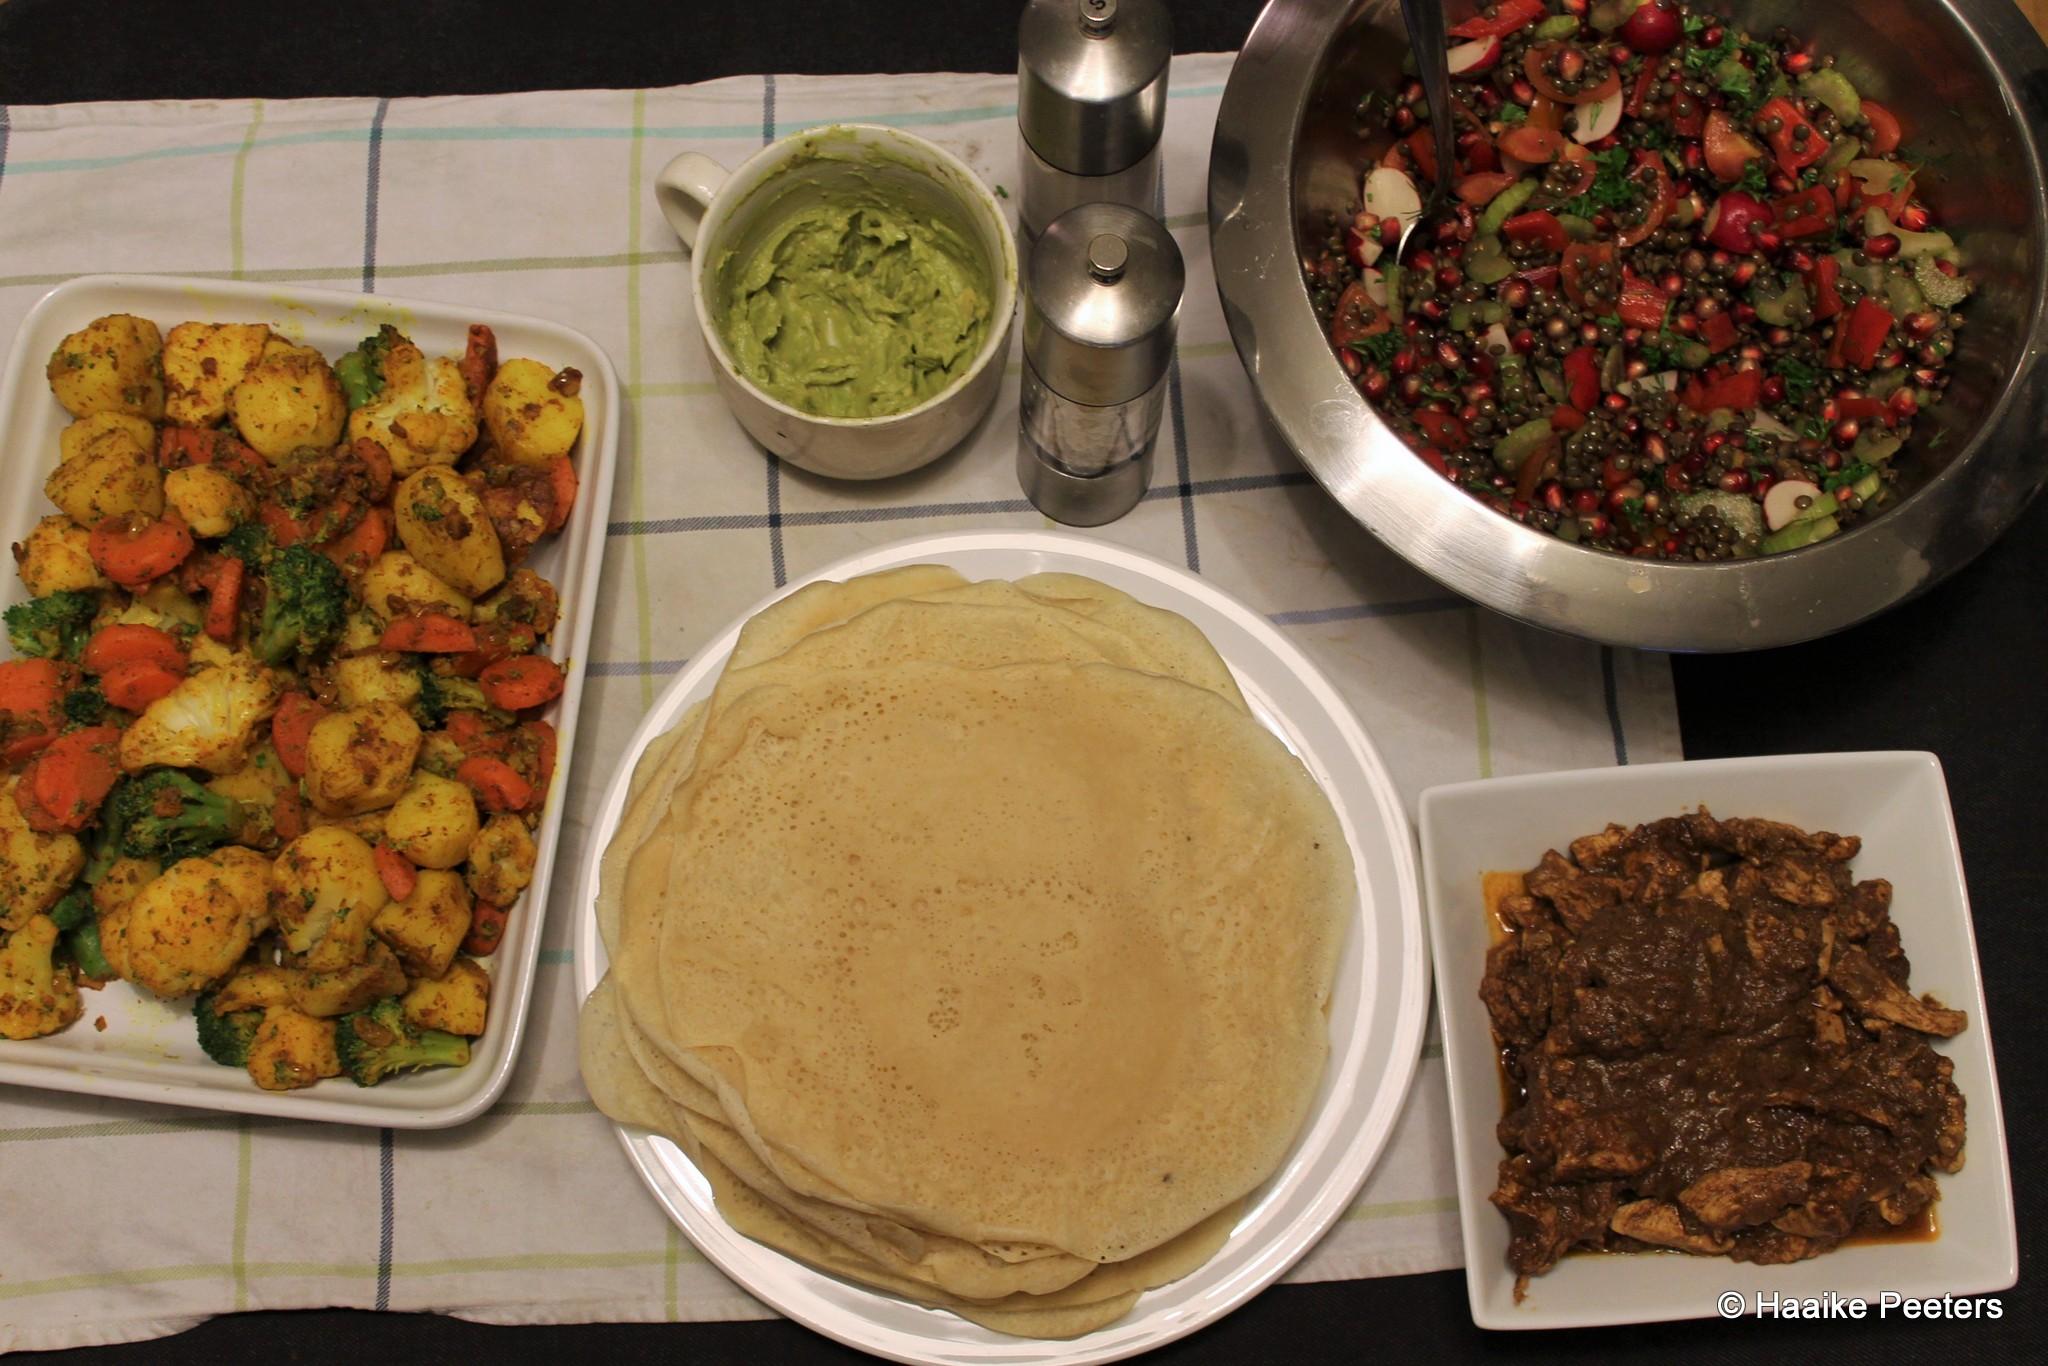 Doro wot met aardappelsalade, linzensalade en injera (Le petit requin)